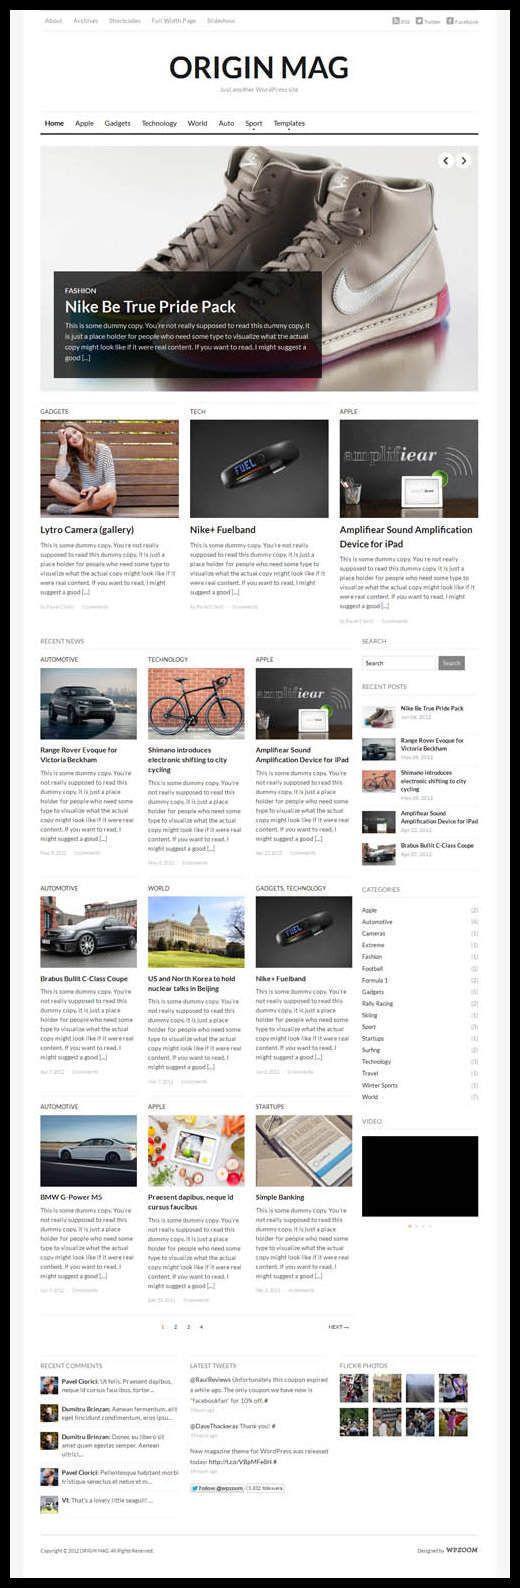 WPZOOM - OriginMag WordPress Theme Review